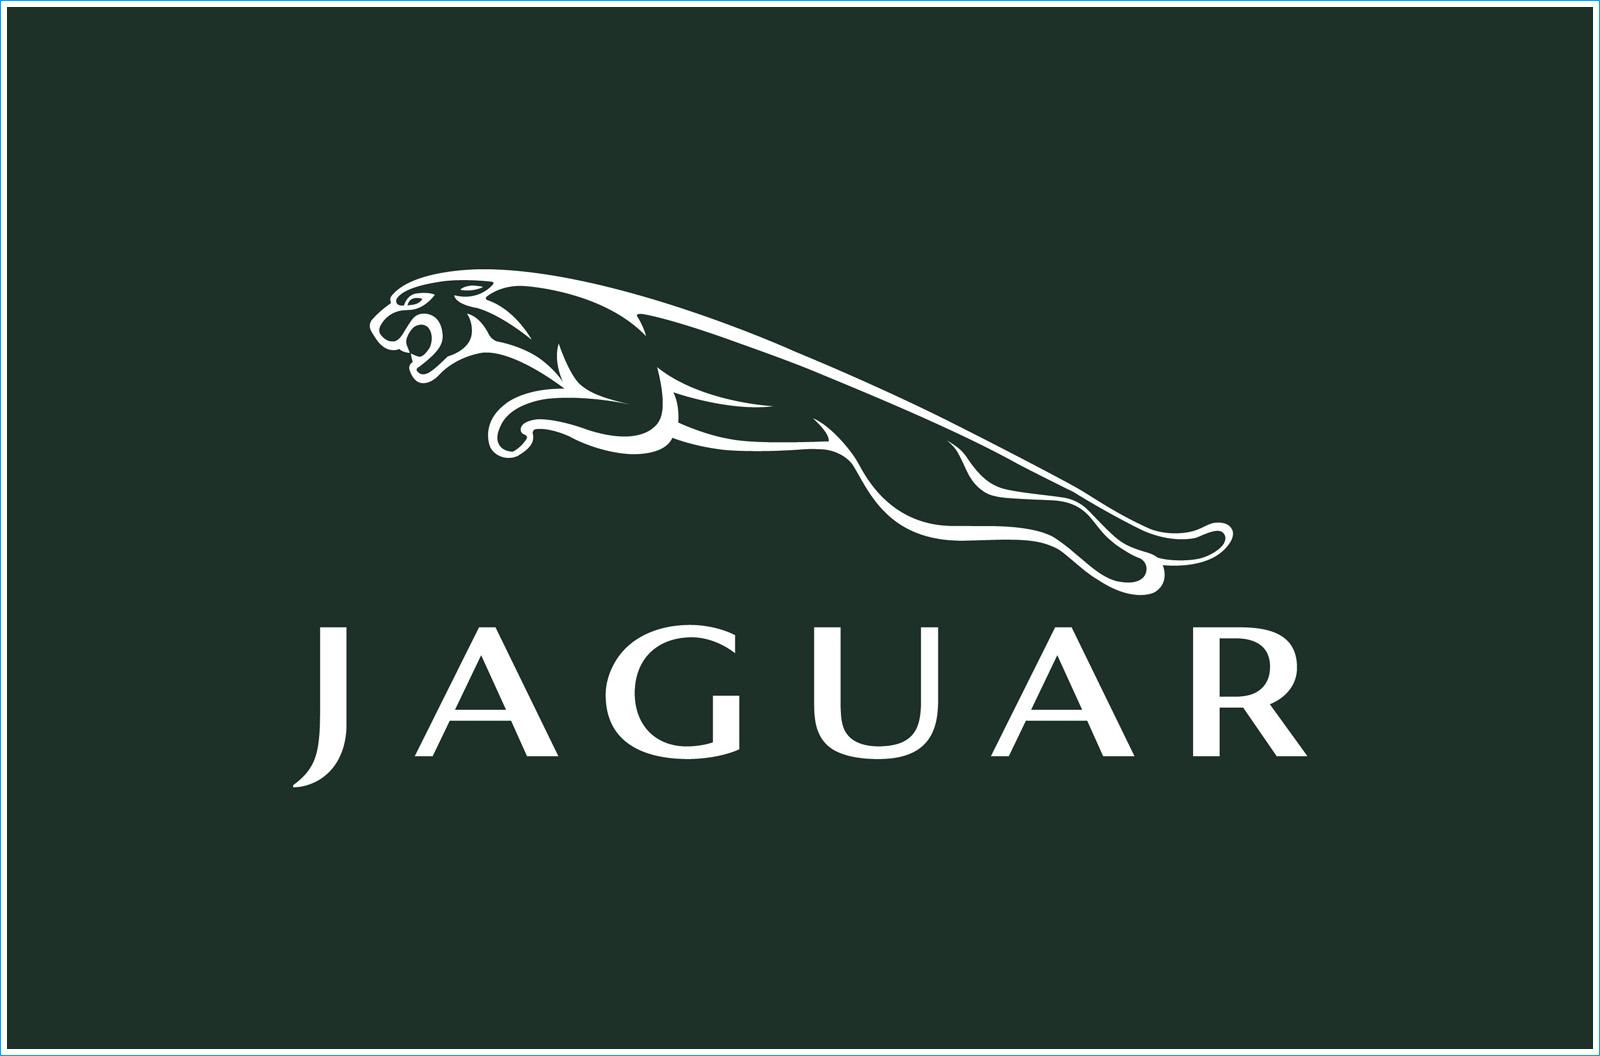 Le Logo Jaguar Les Marques De Voitures